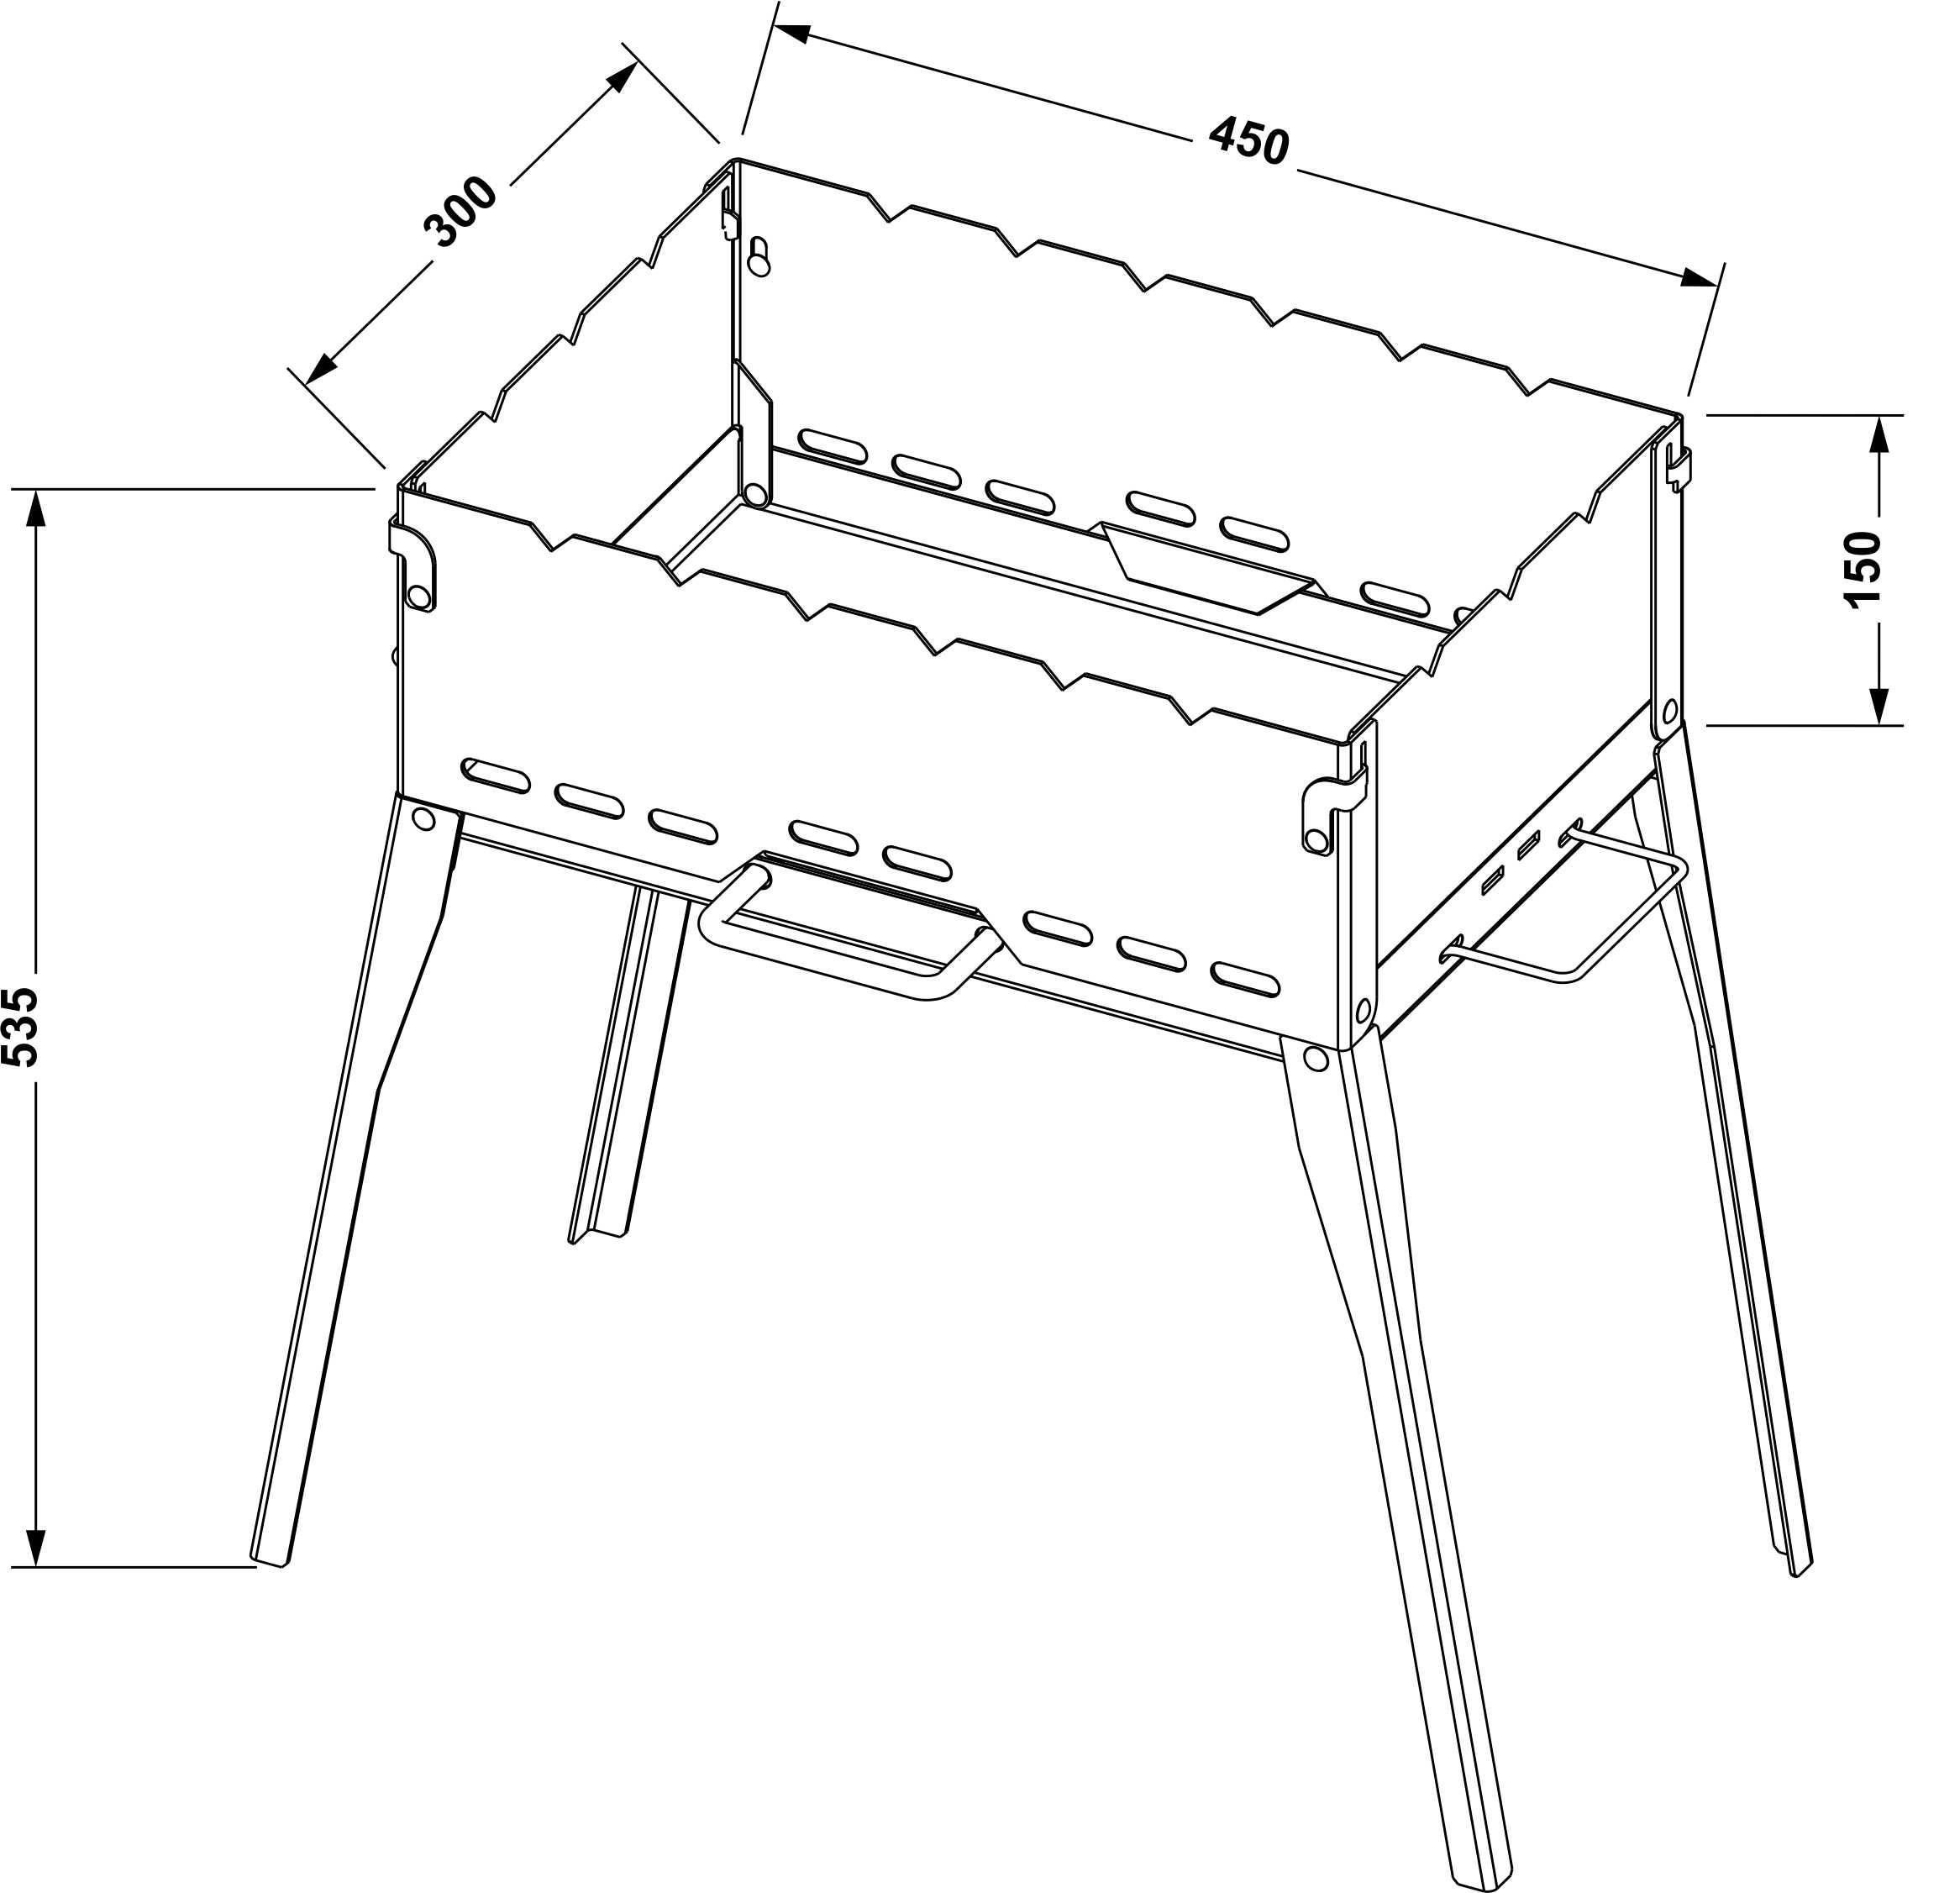 Складной мангал схема и размеры